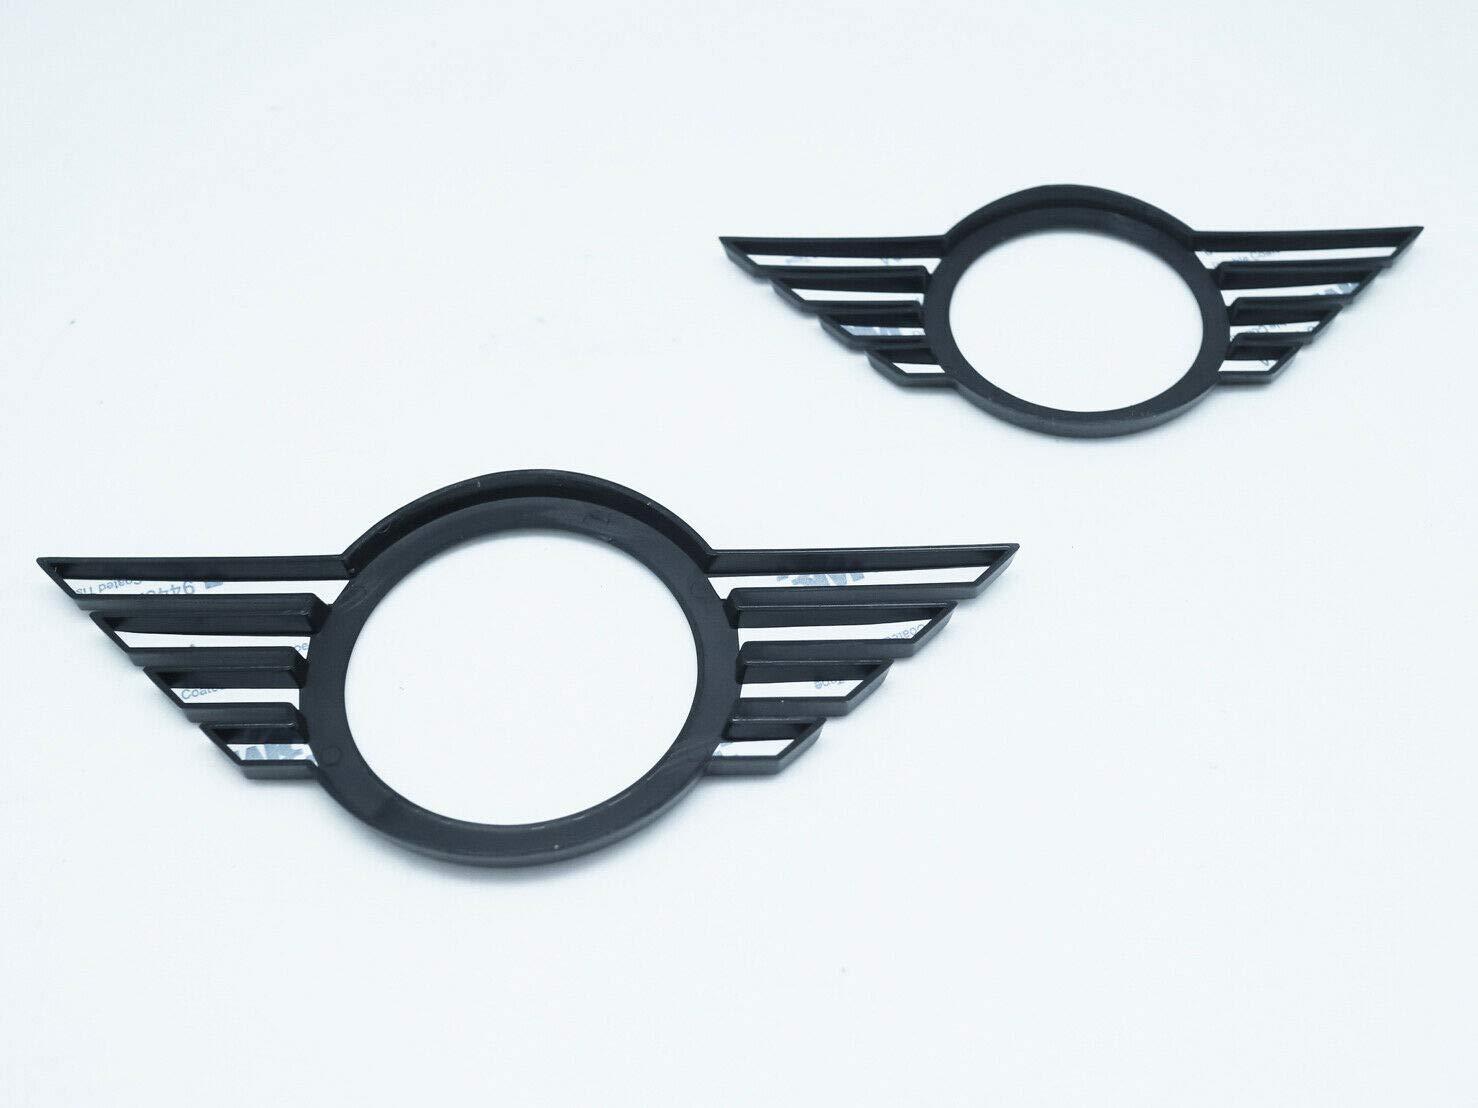 Emblema Negro Brillante para Parte Delantera y Trasera para Mini Cooper F55 F56 F57 LCI